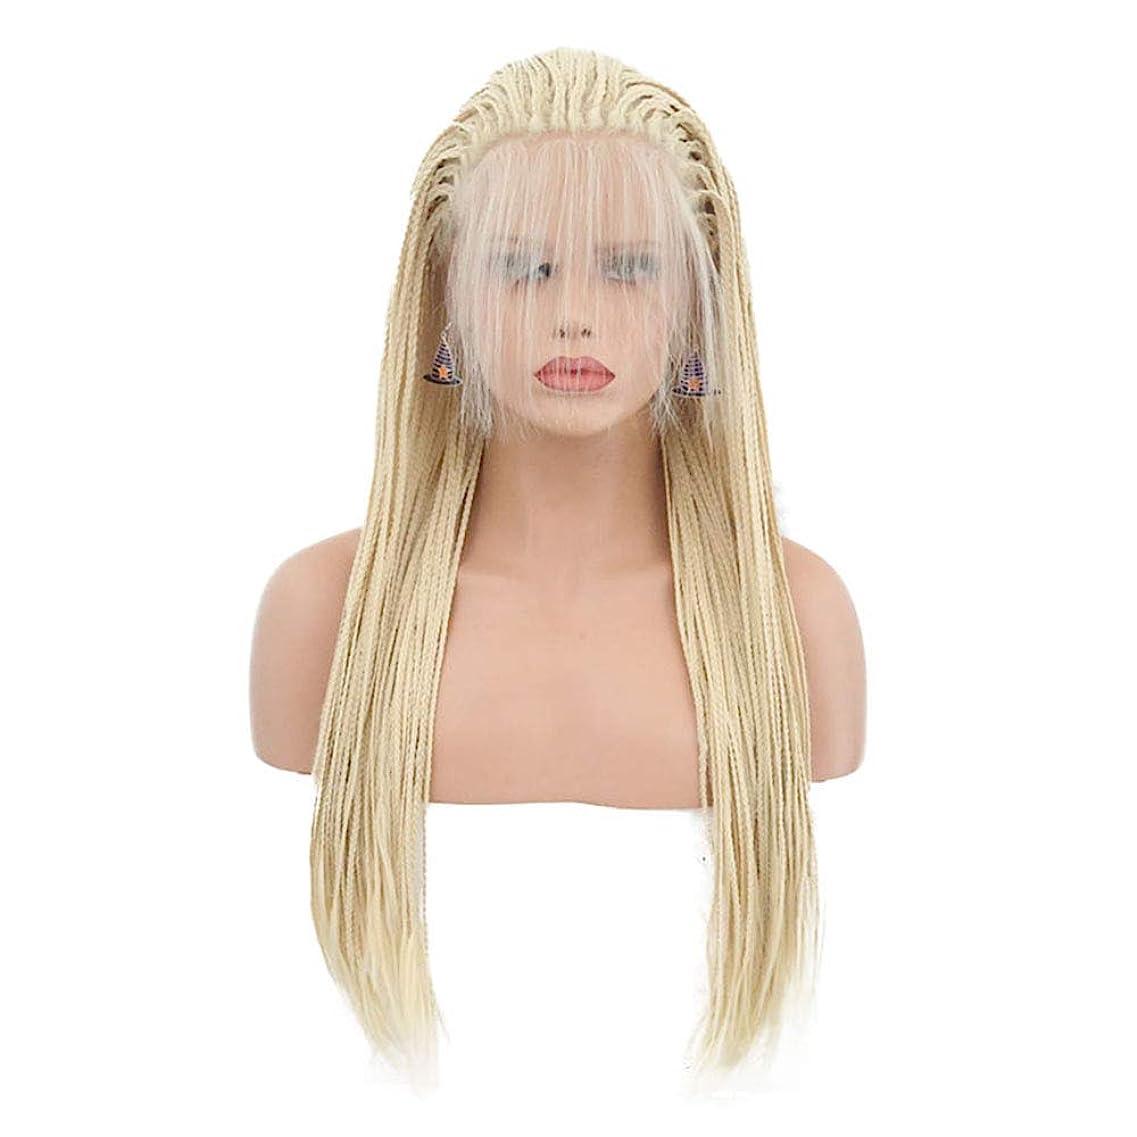 タウポ湖ベルベット踏み台女性フルレース人毛かつら150%密度合成remyで赤ん坊の毛髪ストレートブラジルのかつら内臓編組グルーレスかつら